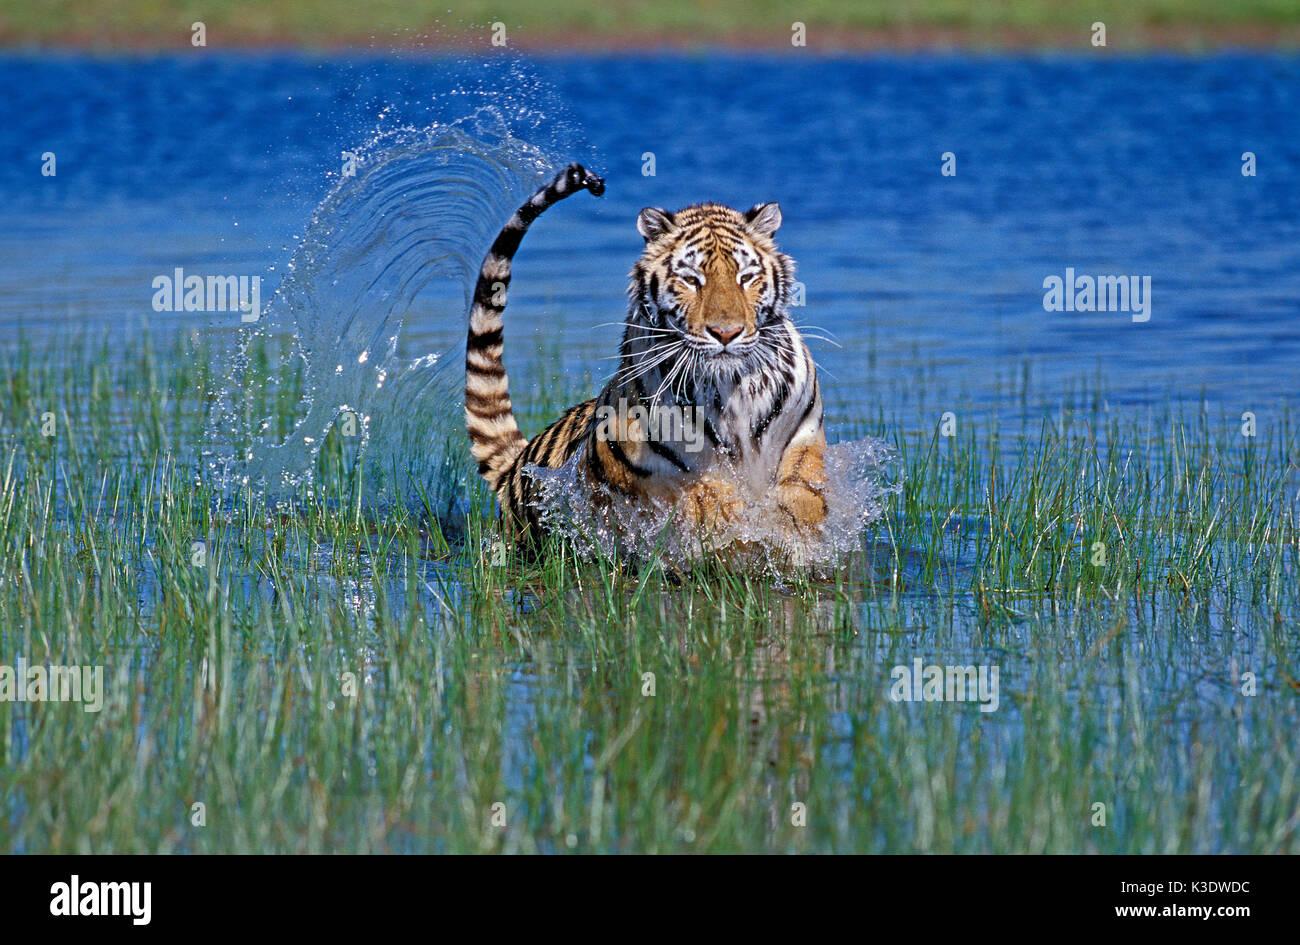 Bengali tiger, Panthera tigris, full-grown, water, run, - Stock Image